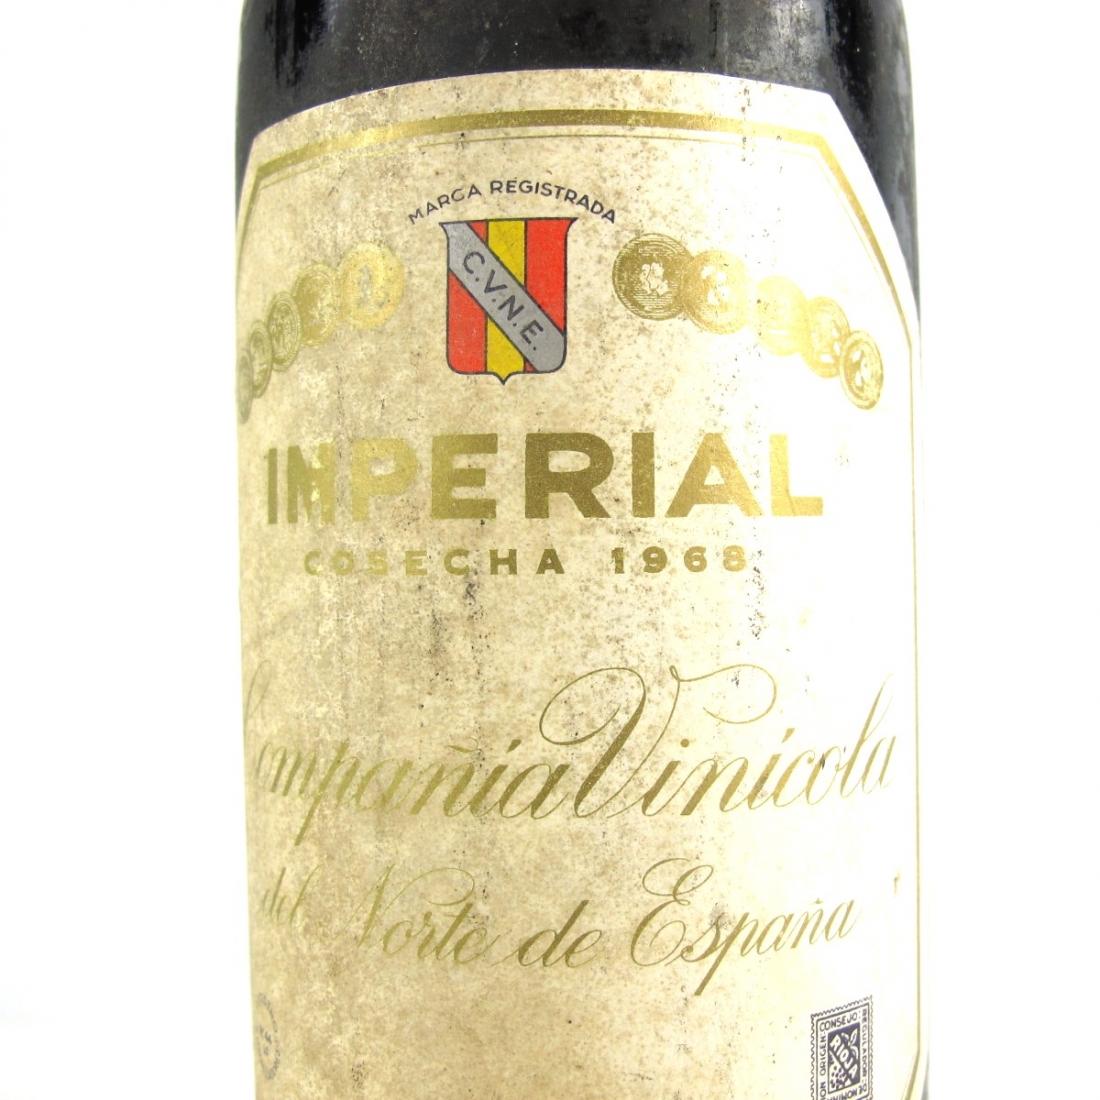 CVNE Imperial 1968 Rioja